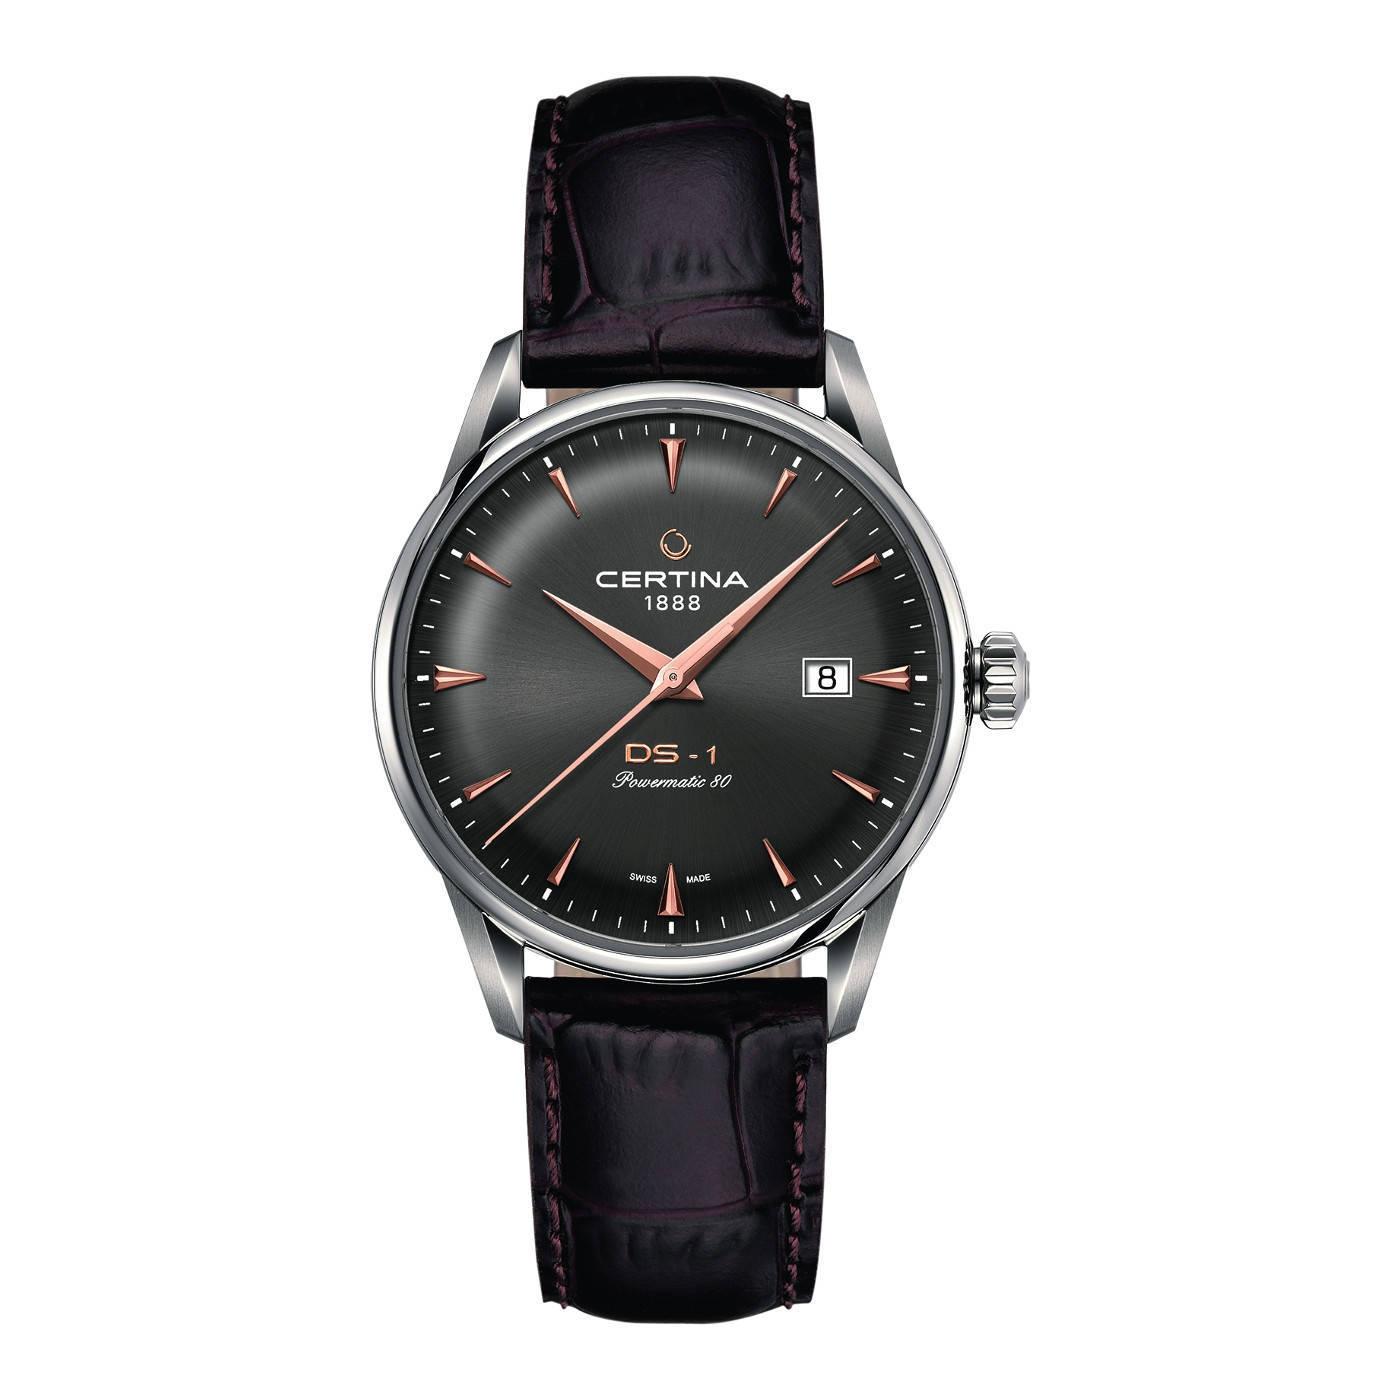 Afbeelding van Certina Heritage DS 1 Automaat horloge C029.807.16.081.01